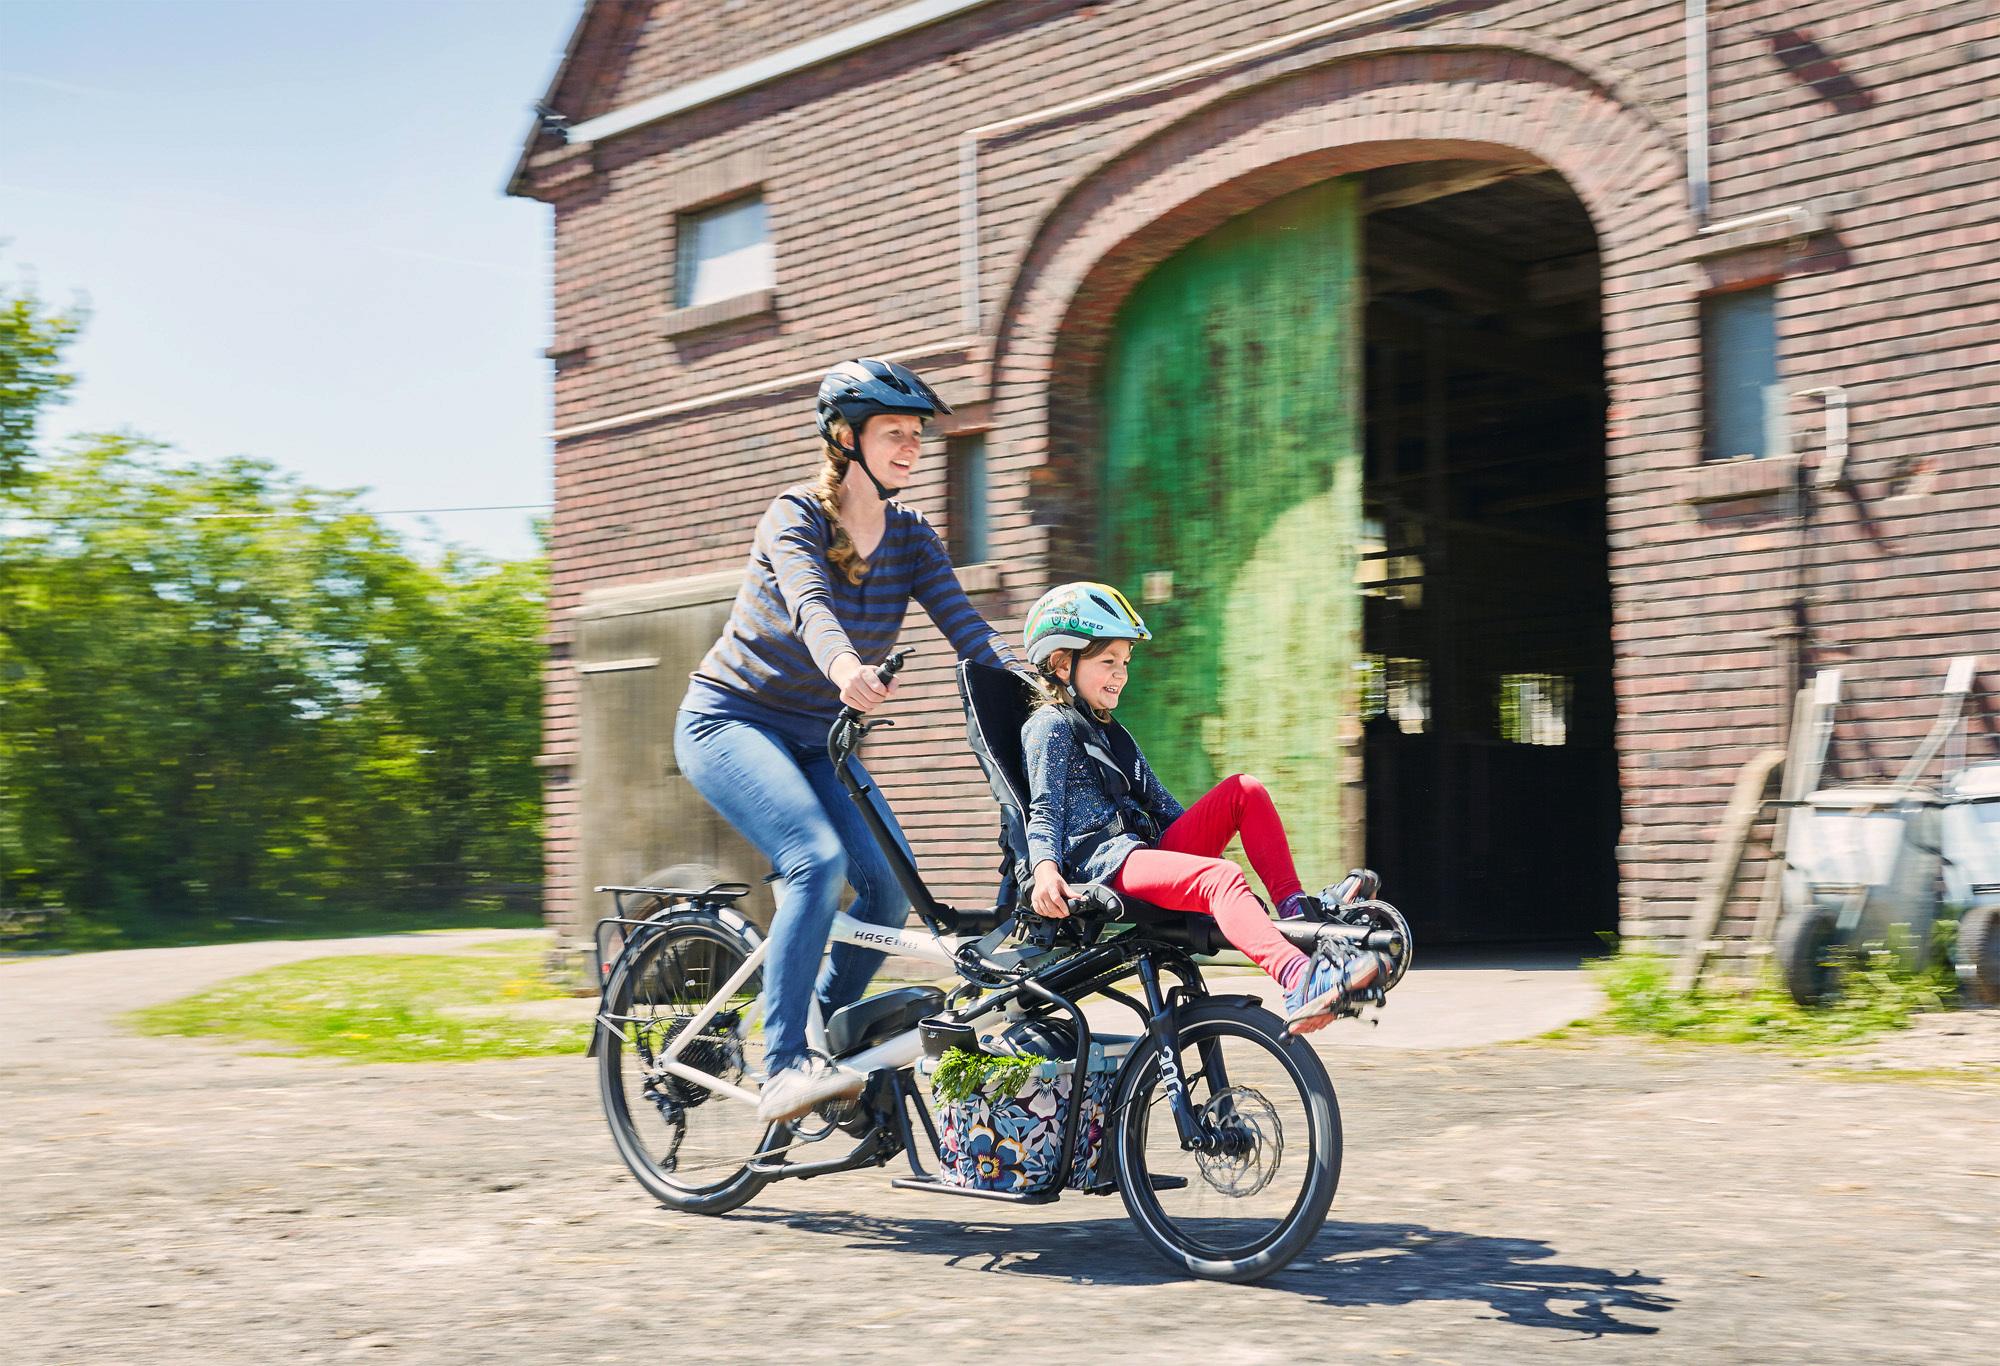 hase-pino-steps-2021-kompakt-e-reha-tandem-reiserad-lastenrad-und-kindertaxi-in-einem--premiere-und-probefahrt-hamburg.jpg